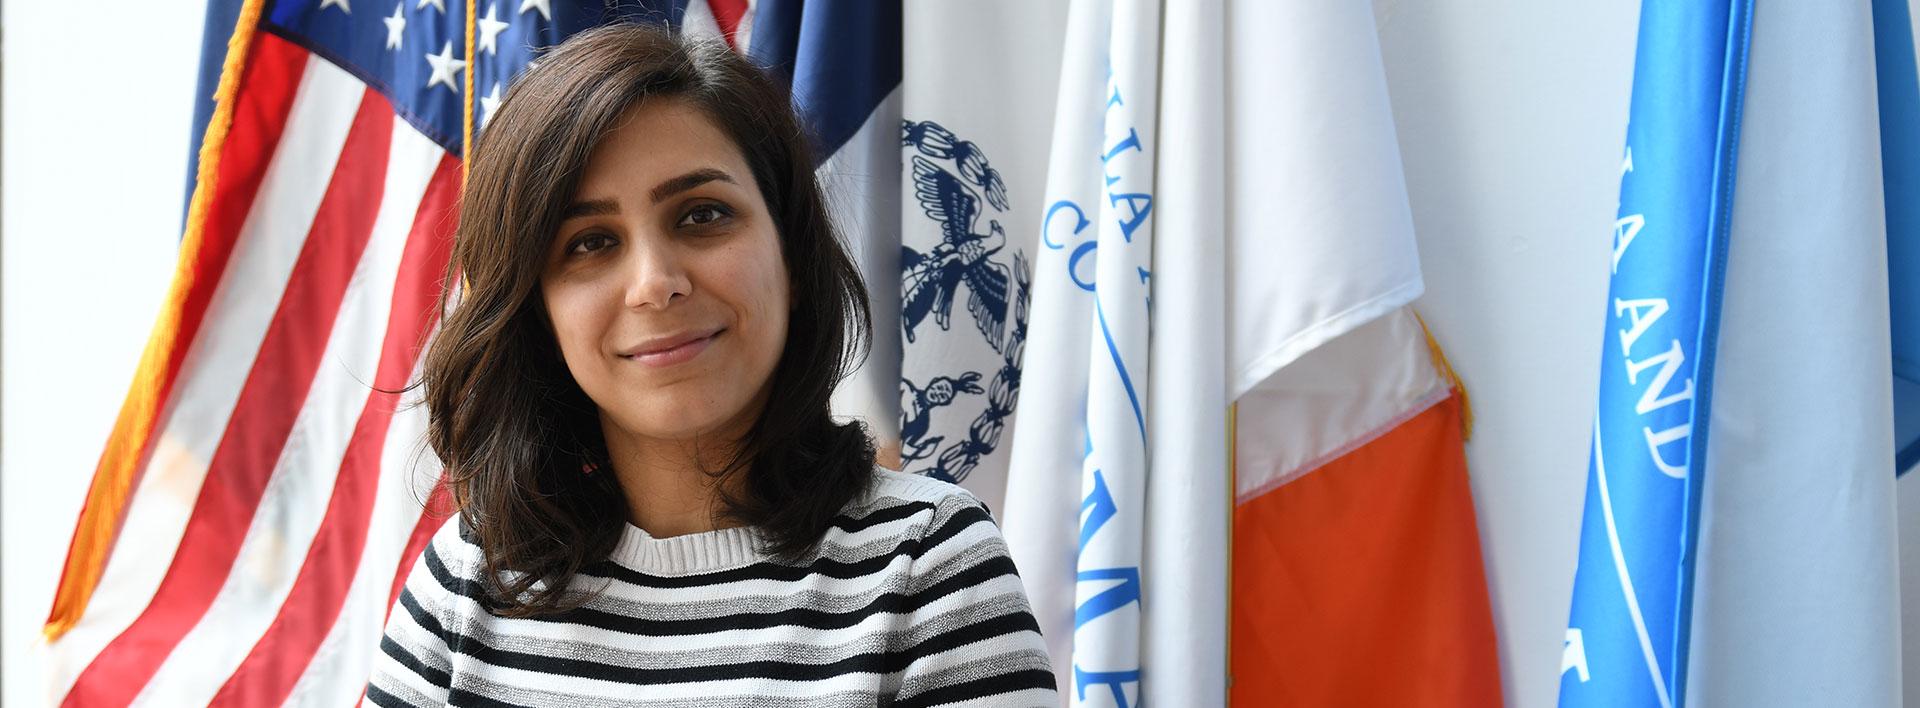 Dr. Shadisadat Ghaderi